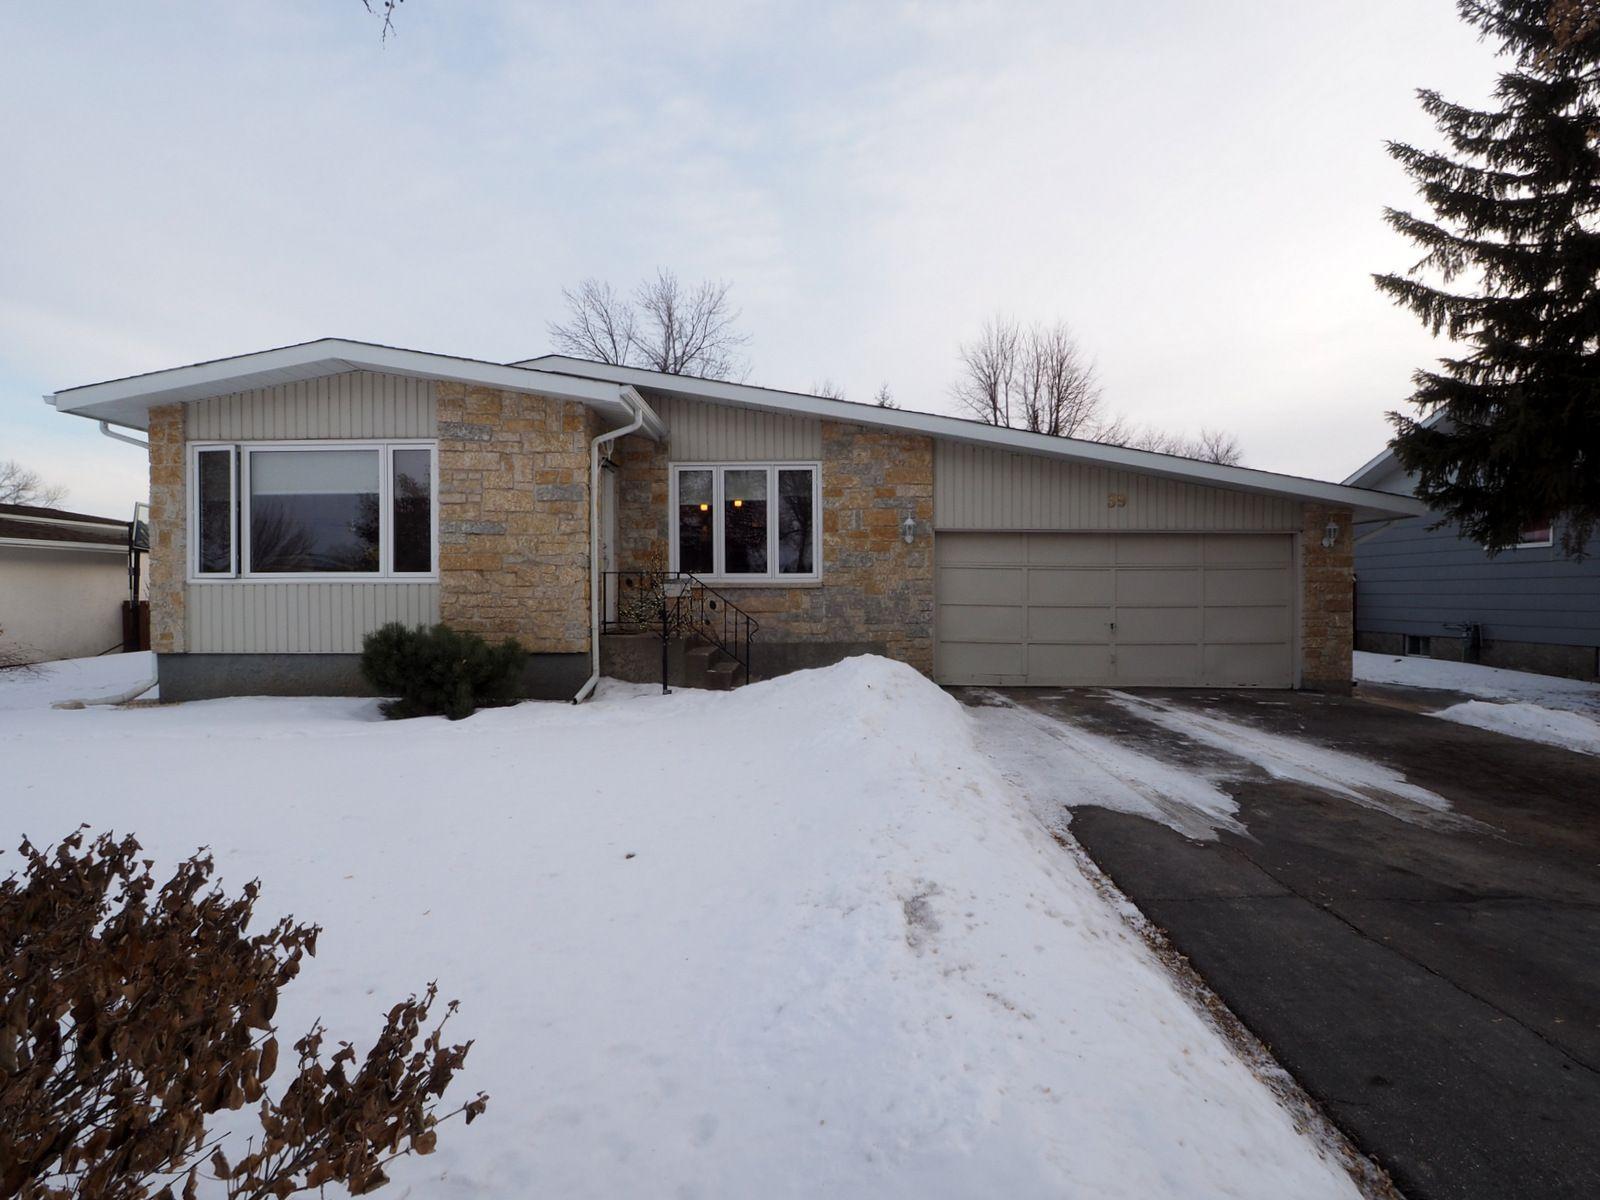 Main Photo: 39 Radisson Avenue in Portage la Prairie: House for sale : MLS®# 202104036